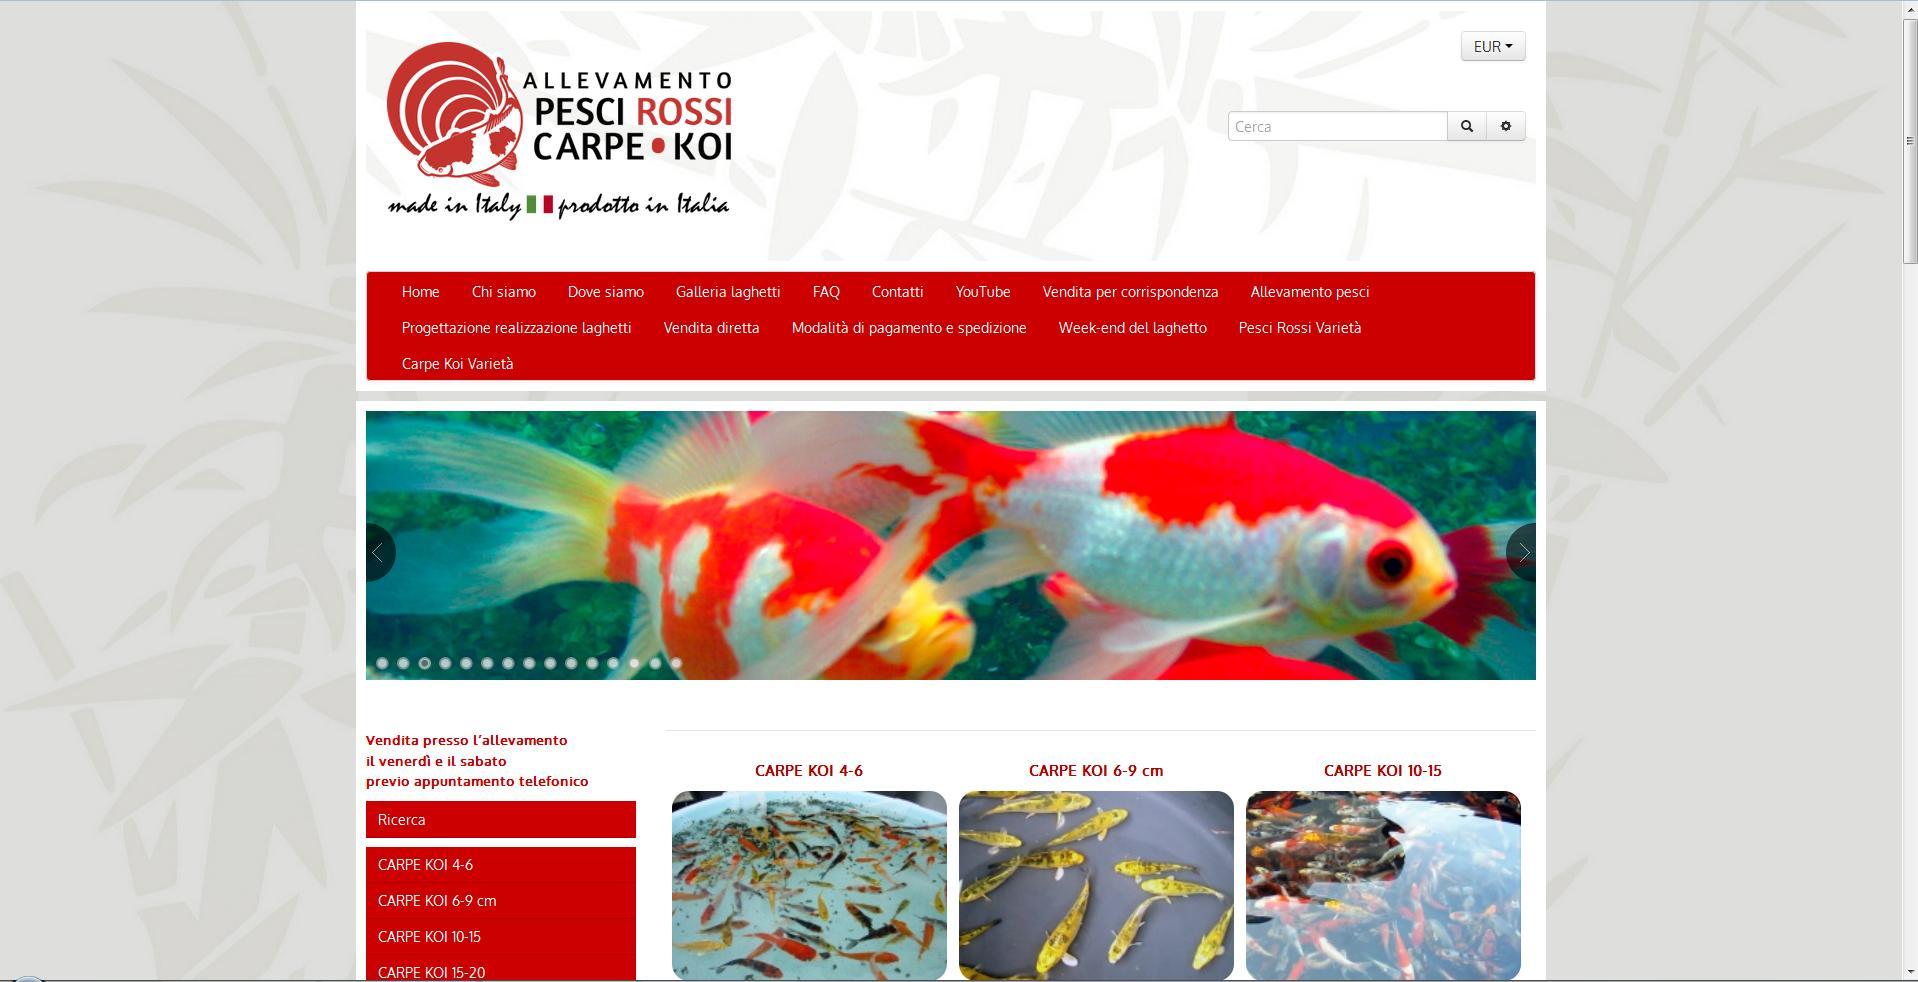 allevamento pesci rossi carpe koi